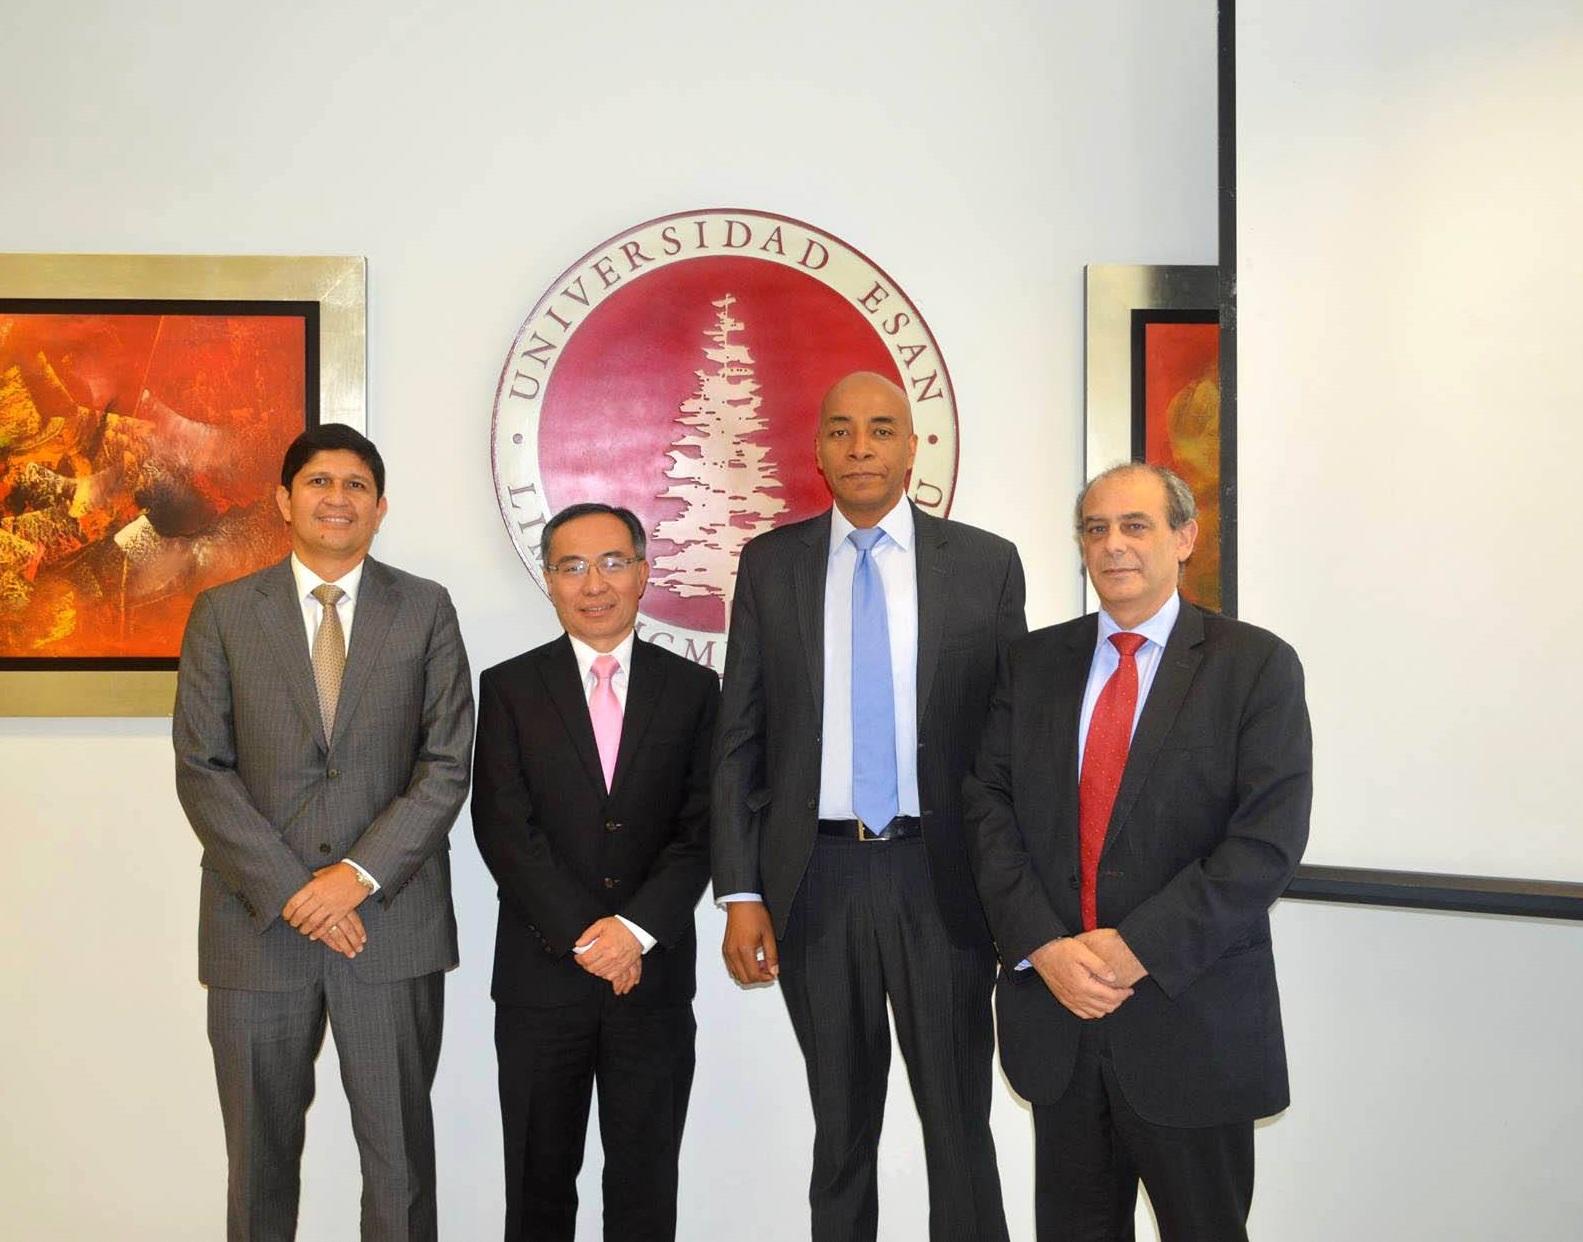 Oswaldo Morales, Director de Educación a Distancia de la Universidad ESAN, Jaime Serida, Decano de ESAN Graduate School of Business; Jaime Bailon, Profesor de ESAN, y Ezra Zaharia, Gerente General de Universia Perú.